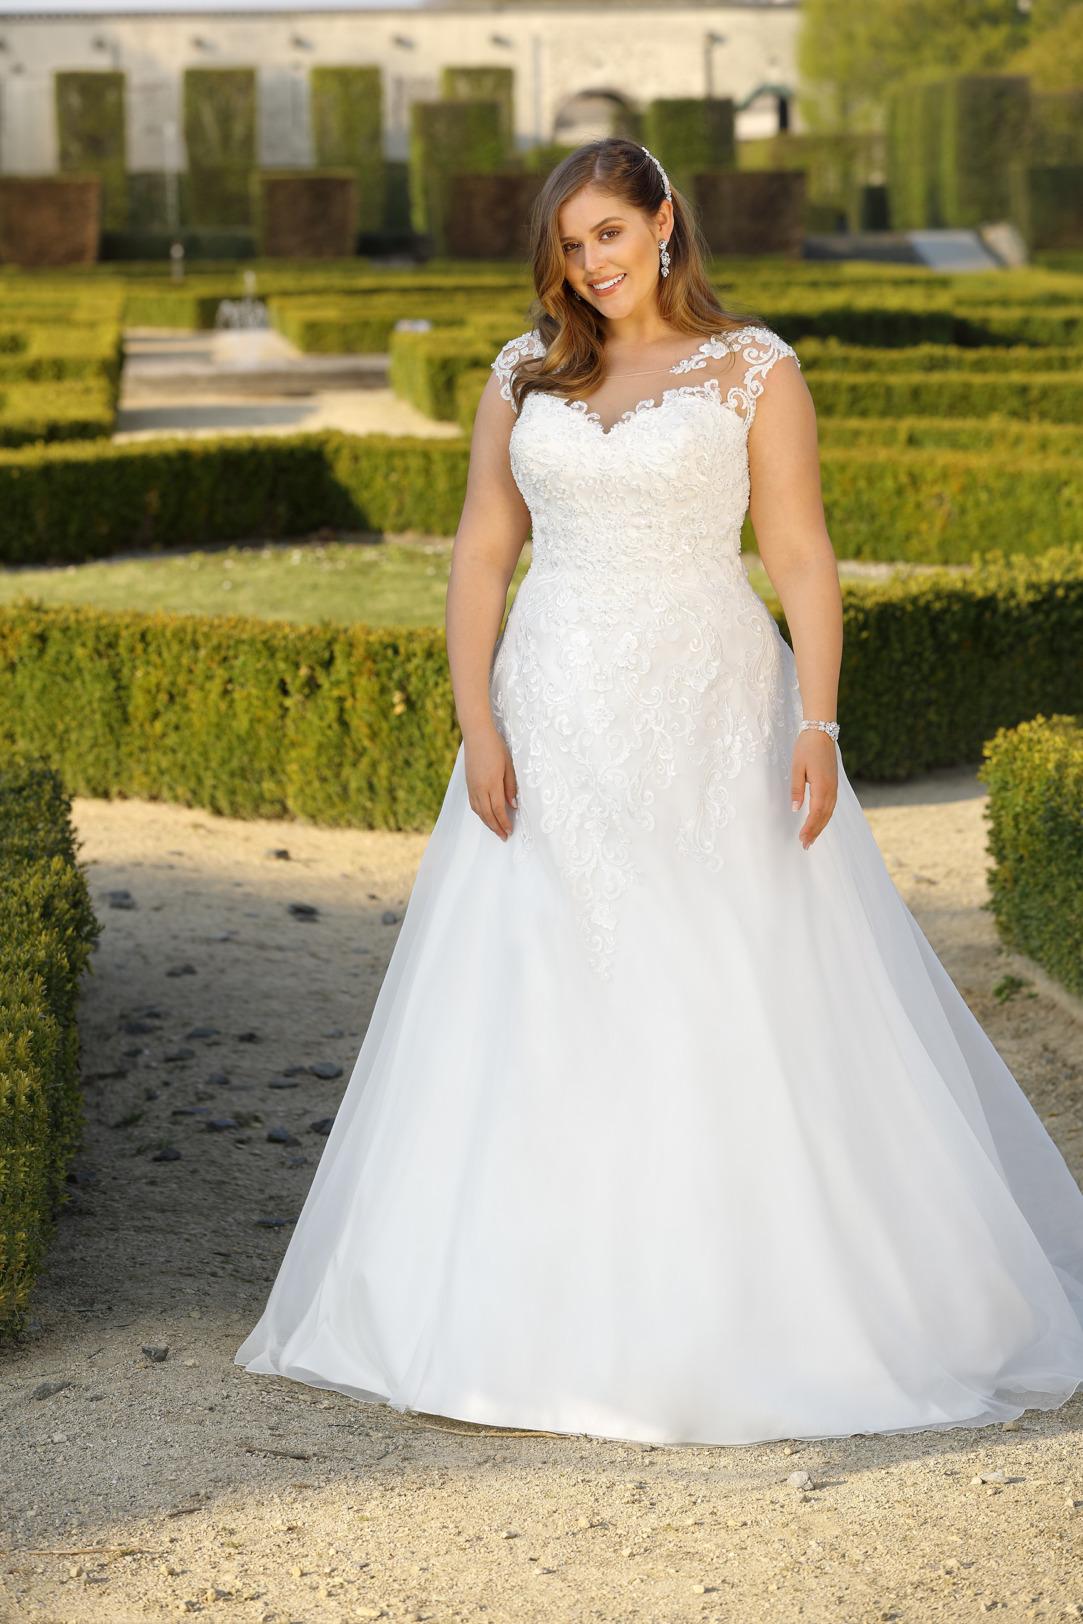 Brautkleider Hochzeitskleider Mode Meerjungfrau Stil Ladybird grosse Grösse plus size Tatoo Spitze Rock mit Schleppe fit and flare